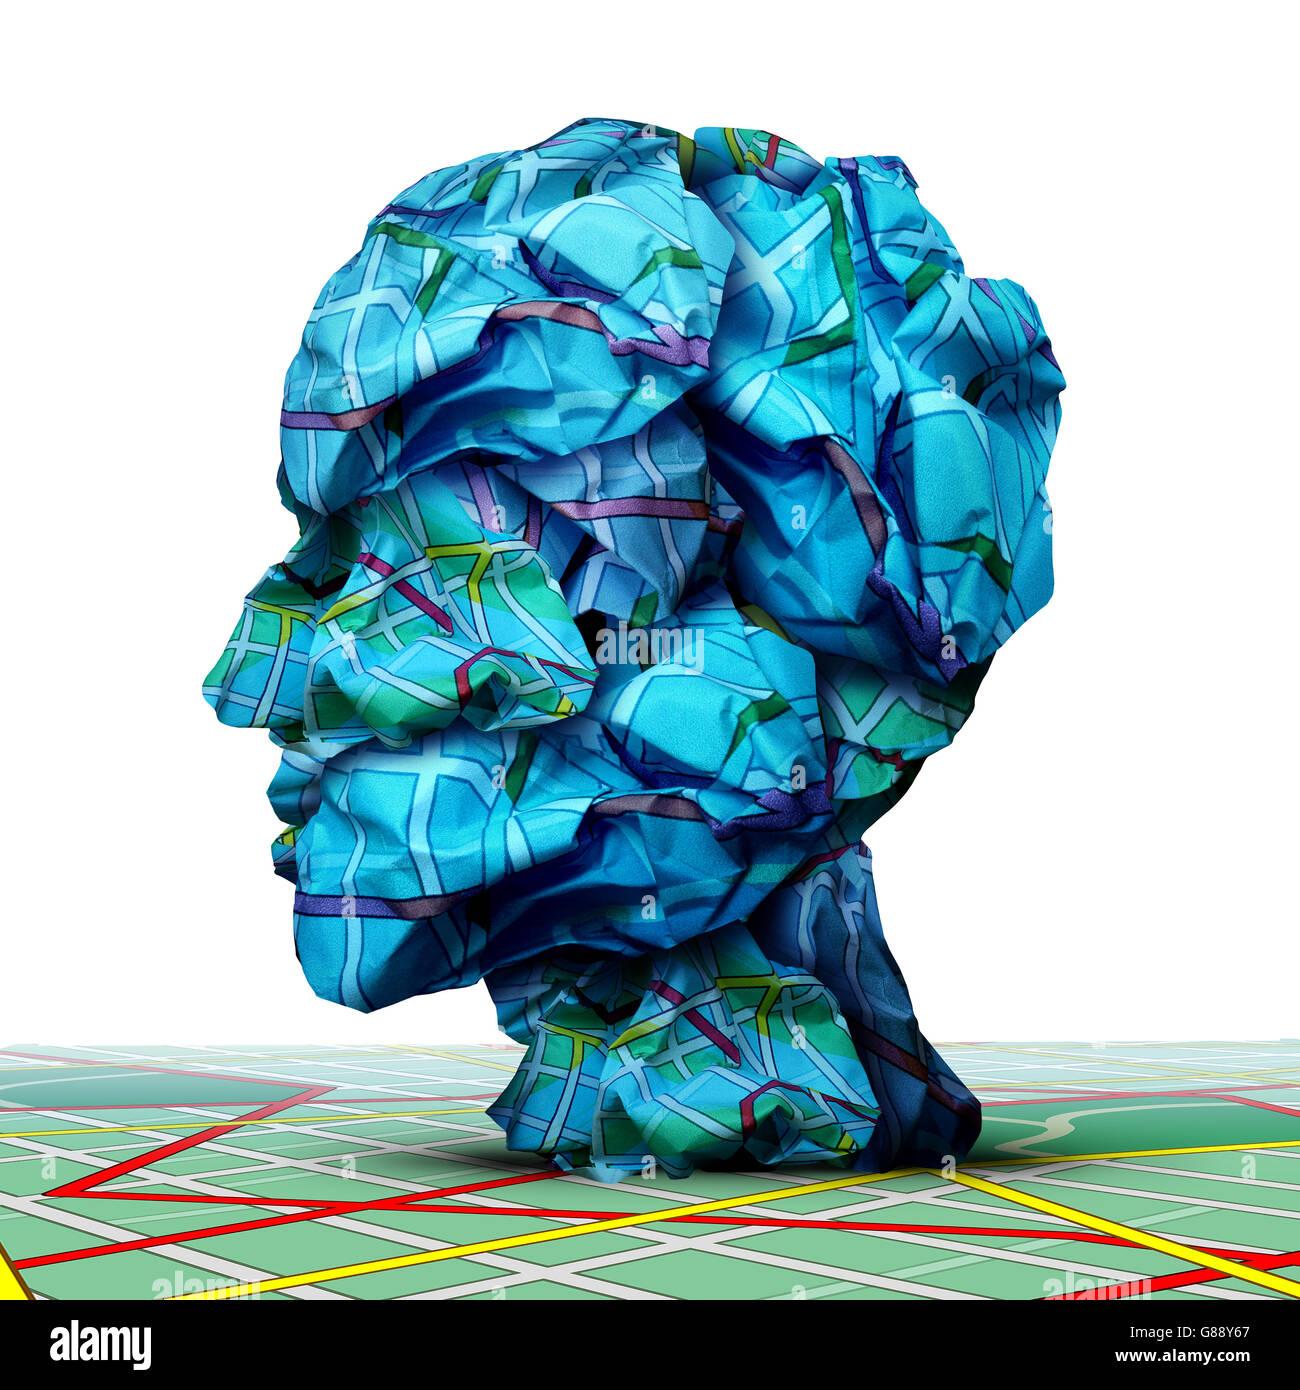 Menschlichen Fahrplan Konzept als eine Gruppe von zerknitterten Verkehrskarten, geformt wie ein Kopf als Geschäft Stockbild